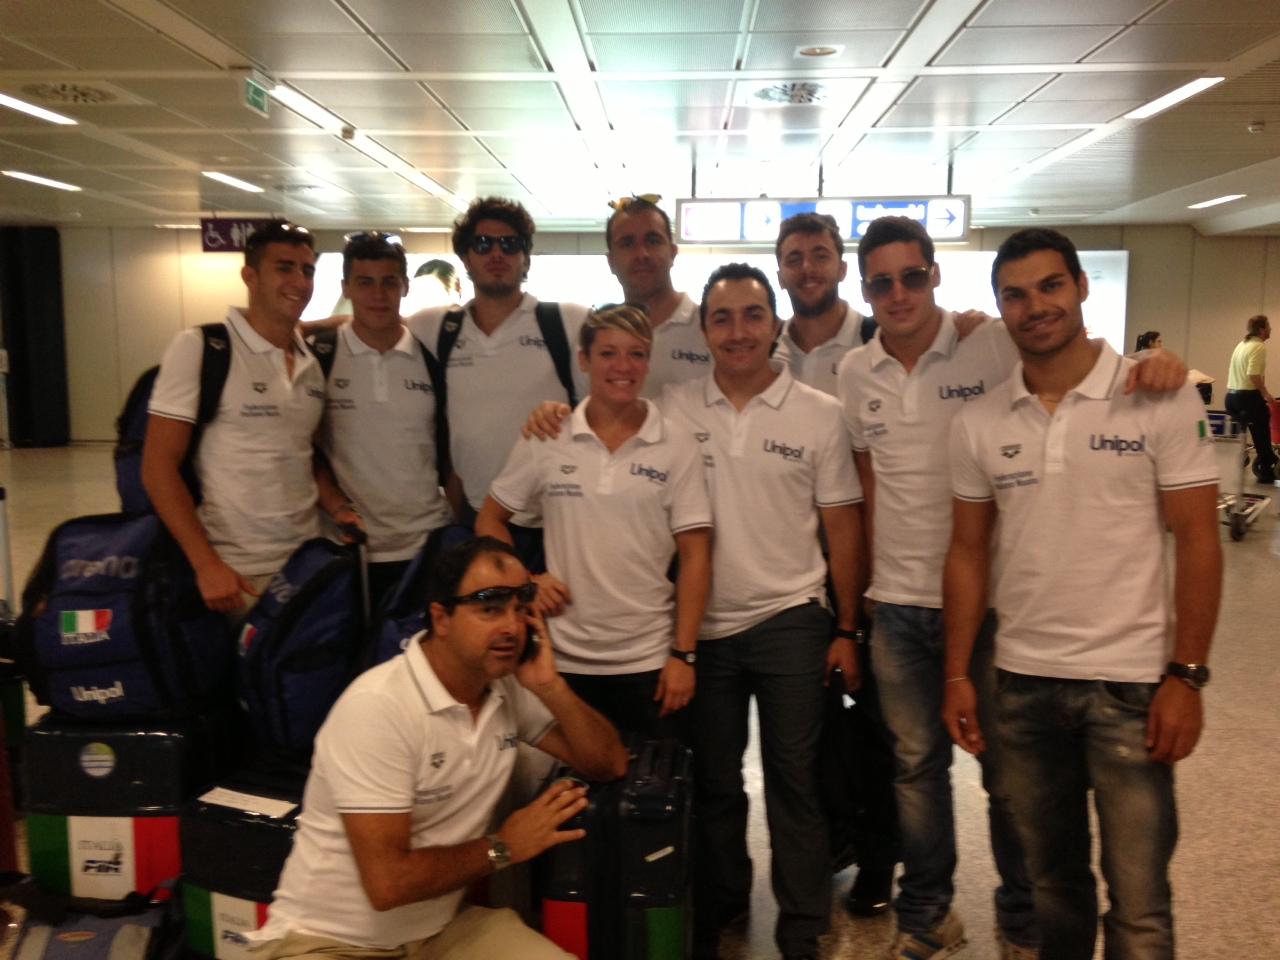 Tuffi Diving Campionati Europei Rostock team